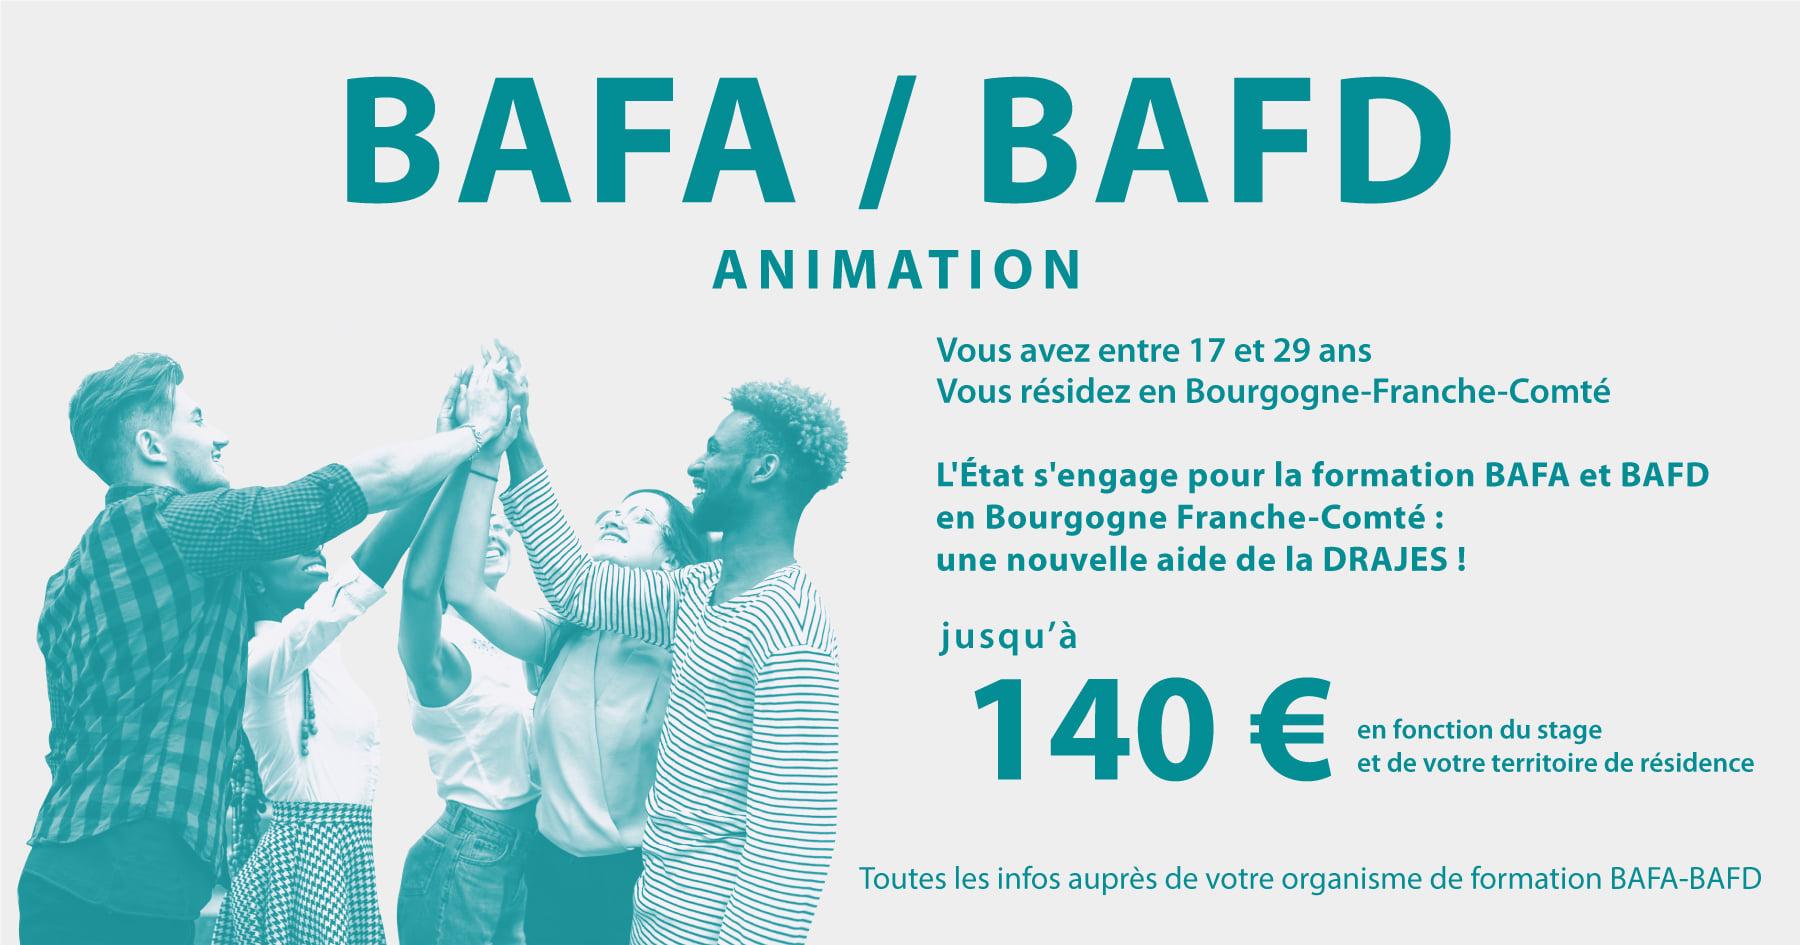 Nouvelles Aides BAFA/BAFD